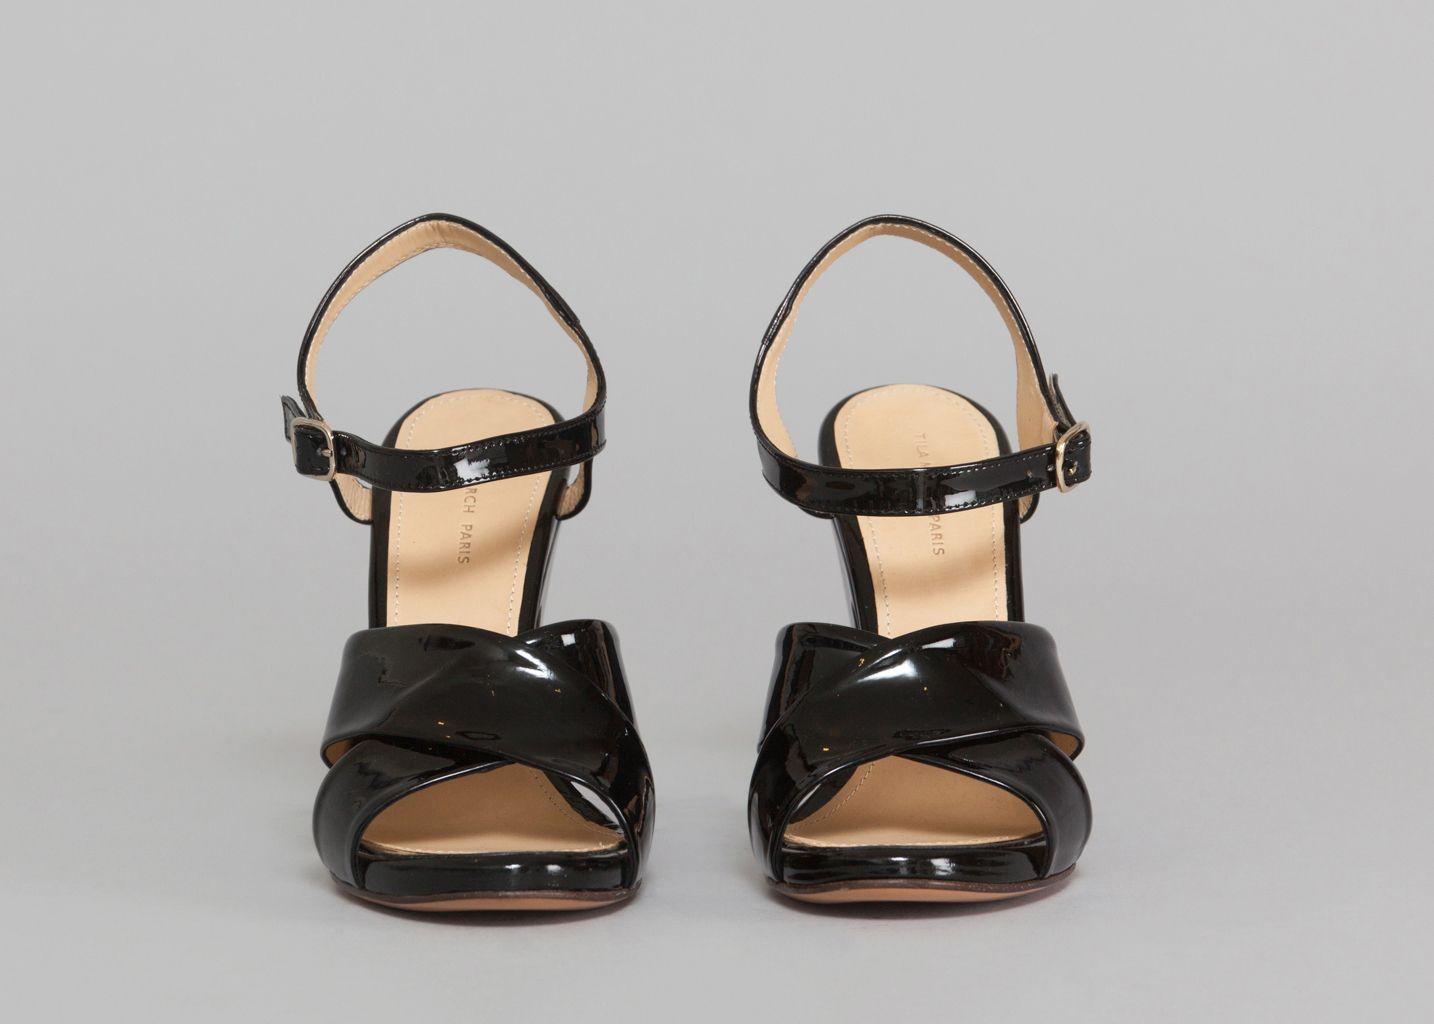 Sandales Paros - Tila March